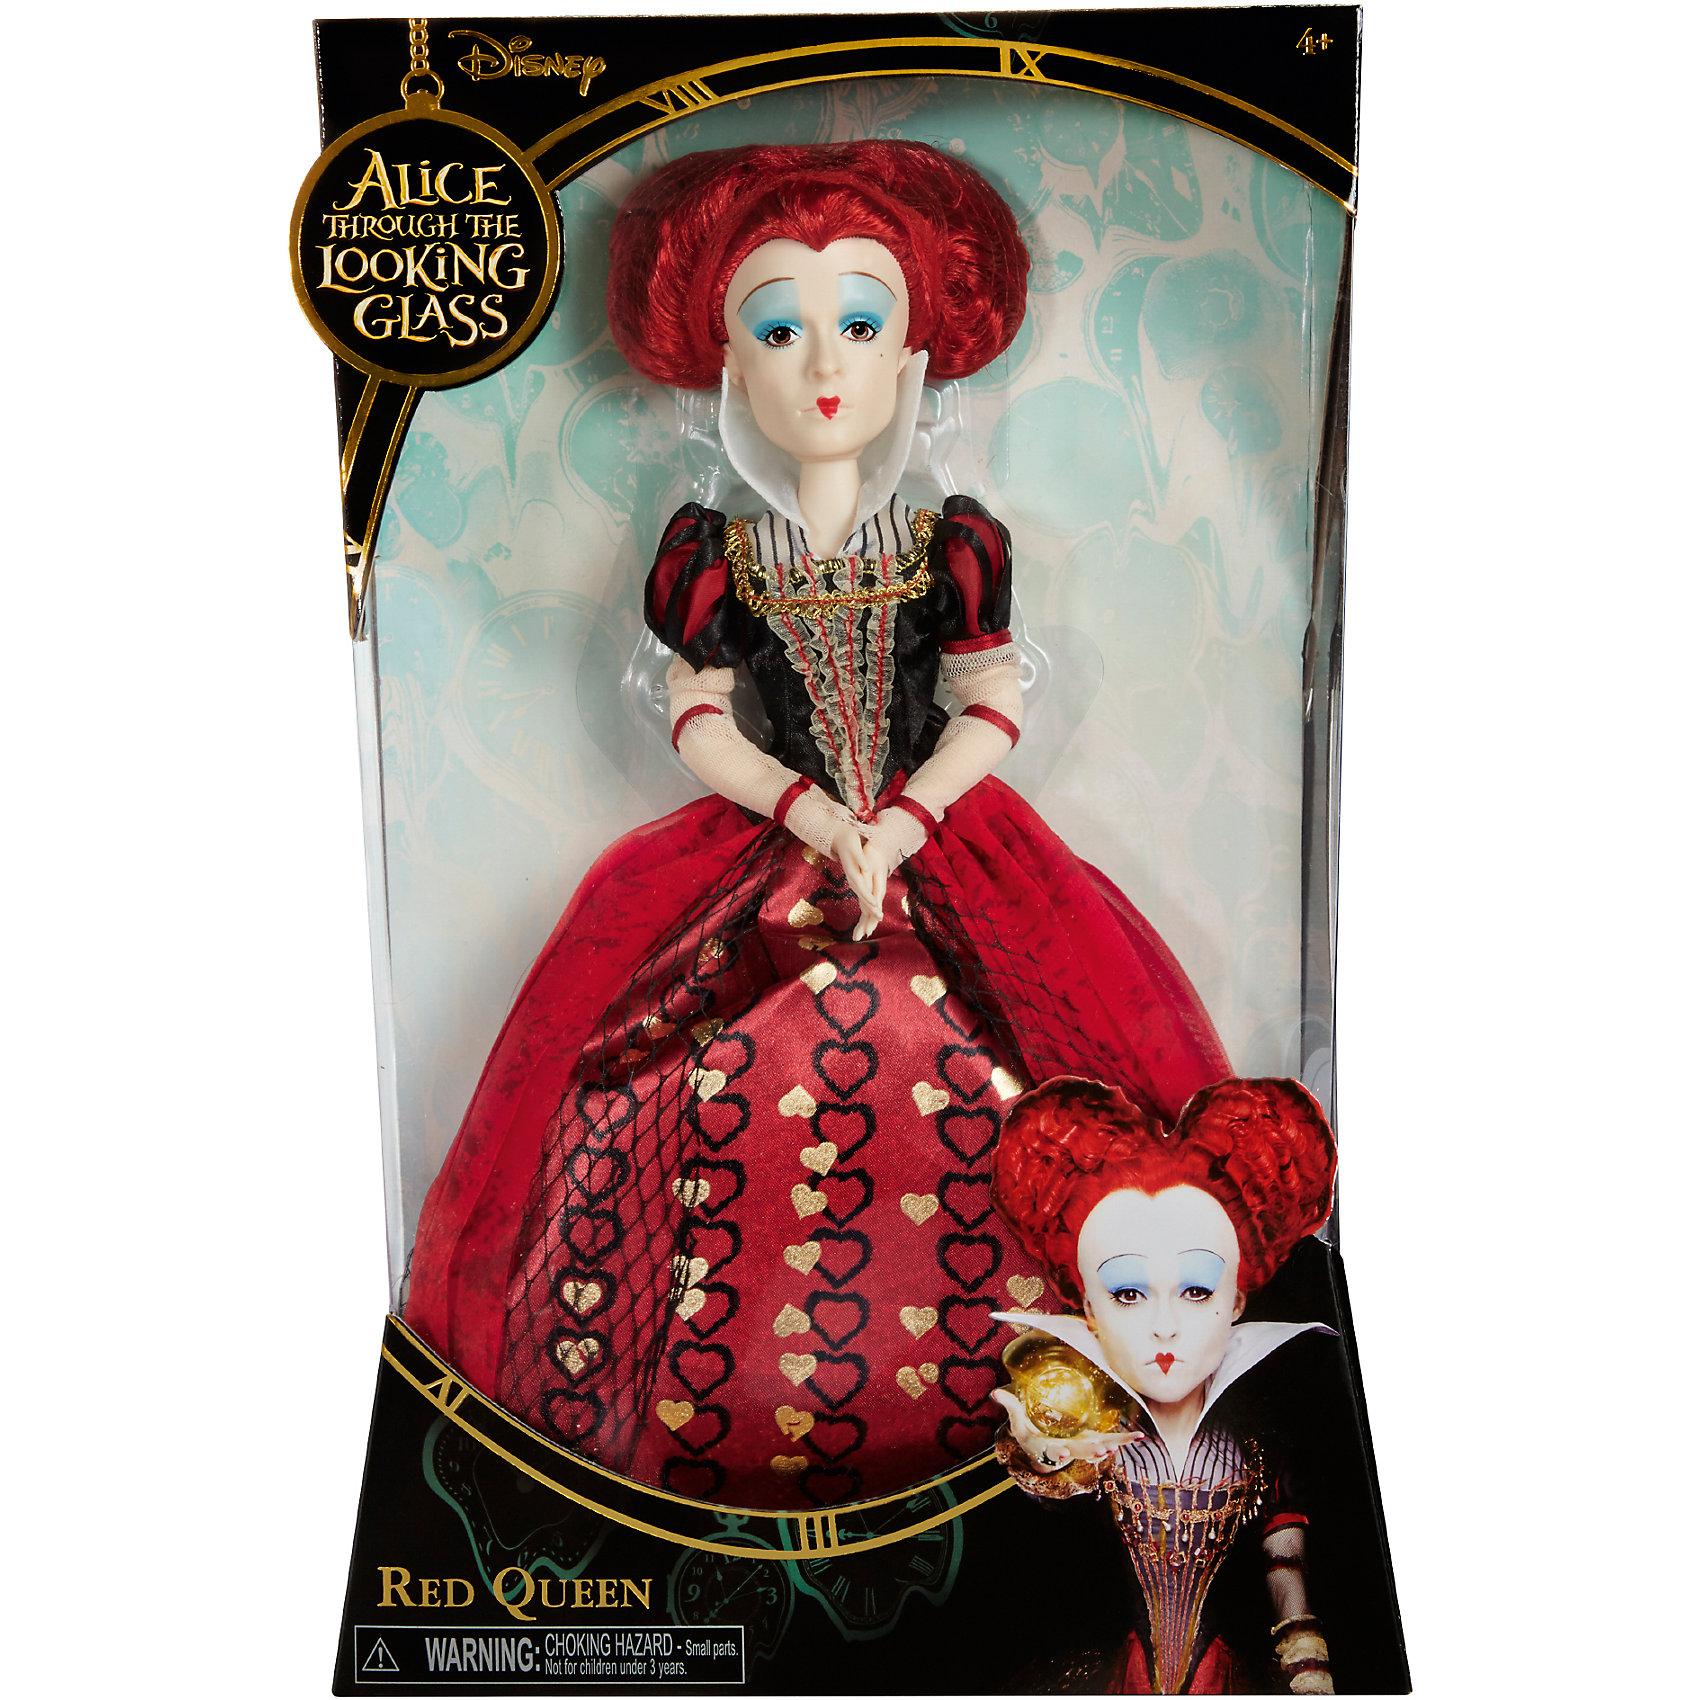 Коллекционная  кукла Красная  Королева, Алиса в ЗазеркальеИгрушки<br>Коллекционная  кукла Красная  Королева – эта кукла, имеющая огромное сходство с героиней фильма станет украшением коллекции.<br>Коллекционная кукла в образе Красной королевы, одной из главных злодеек фильма «Алиса в Зазеркалье» очень похожа на актрису Хелену Бонэм Картер, которая сыграла эту роль в киноленте. Кукла выполнена с максимальной детализацией наряда, внешности и прически актрисы. Она одета в классическое платье «красные сердца», прическа у куклы также в виде сердца. И, конечно же, культовый макияж Красной королевы! Голова, руки и ноги у куклы вращаются. Руки сгибаются в районе локтей, благодаря встроенным шарнирам.<br><br>Дополнительная информация:<br><br>- Высота: 29 см.<br>- Материал: пластик, текстиль<br><br>Коллекционную  куклу Красная  Королева можно купить в нашем интернет-магазине.<br><br>Ширина мм: 23<br>Глубина мм: 80<br>Высота мм: 360<br>Вес г: 570<br>Возраст от месяцев: 36<br>Возраст до месяцев: 1188<br>Пол: Женский<br>Возраст: Детский<br>SKU: 4751313